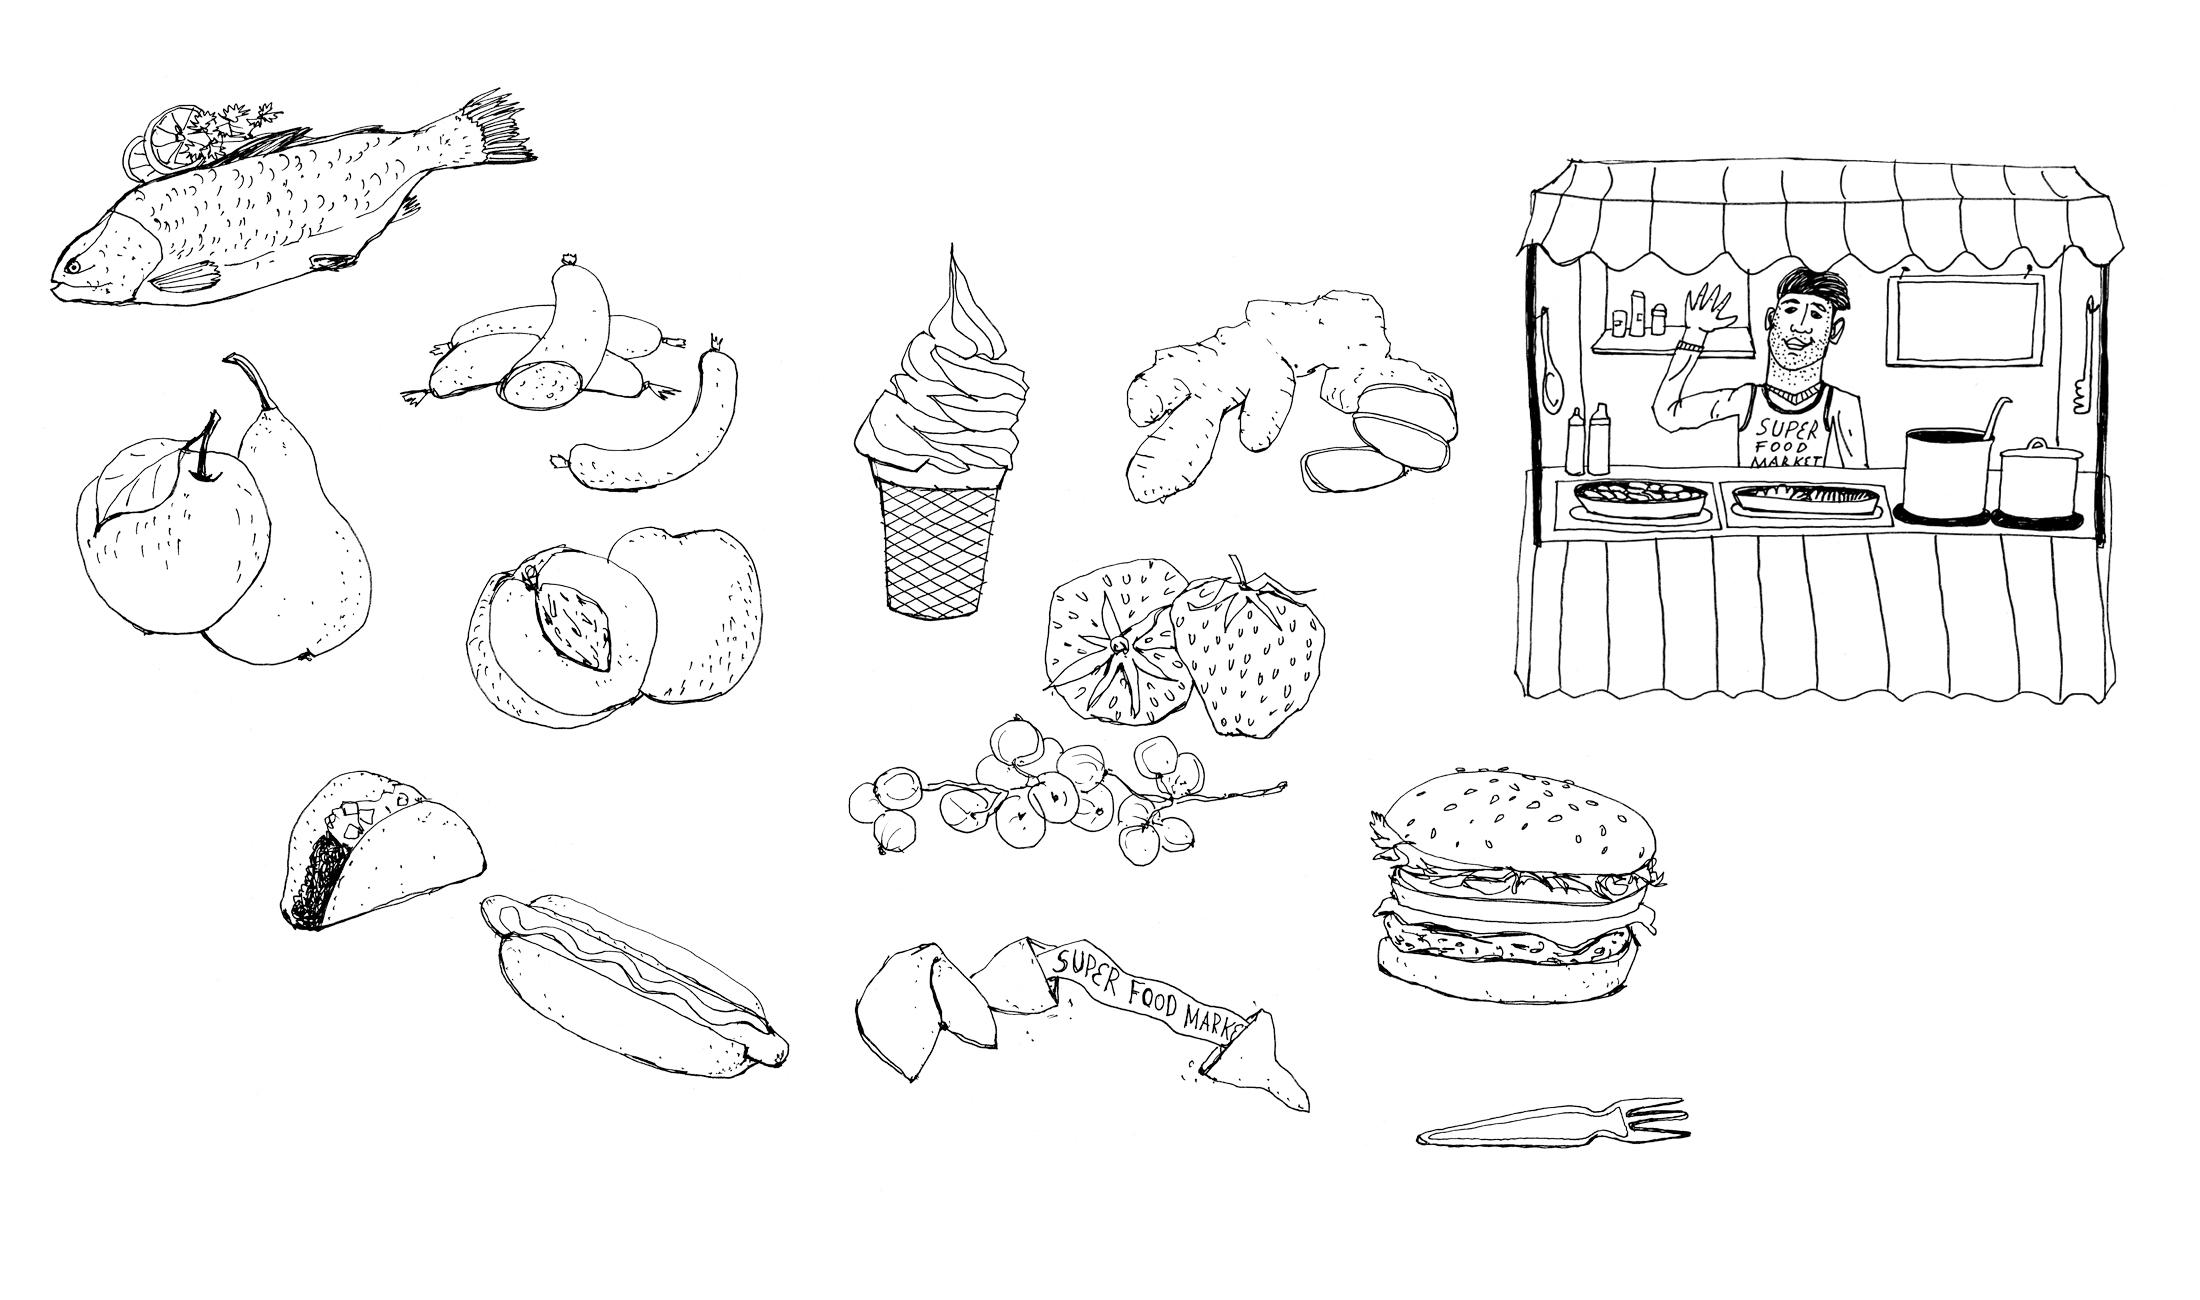 f_super-food-market-1